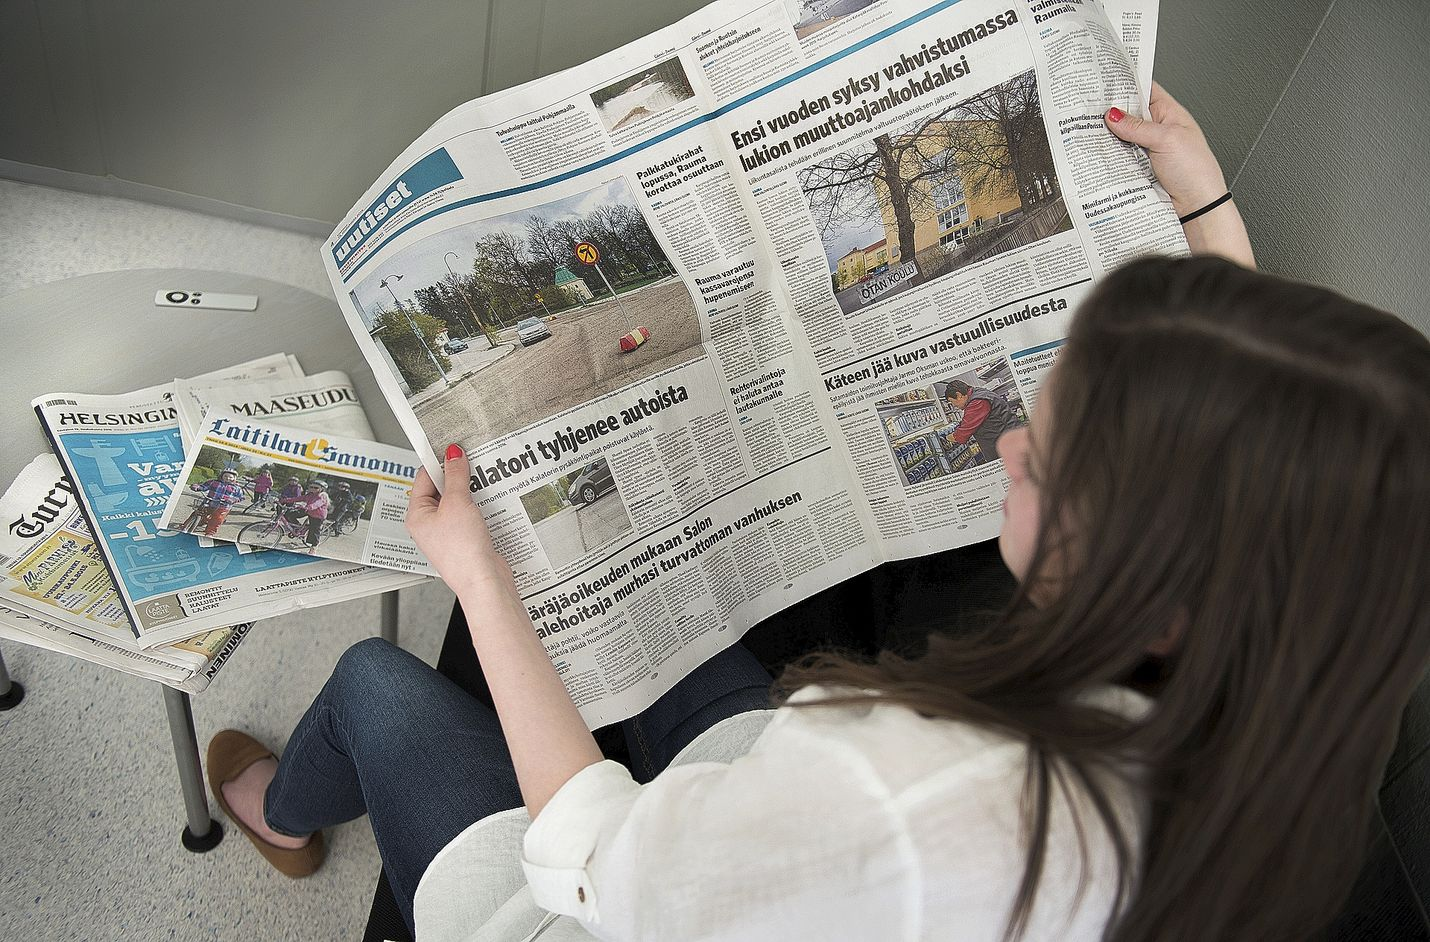 """Tällä viikolla vietetään Sanomalehtiviikkoa. Viikolla pureudutaan median luotettavuuteen ja lähdekritiikkiin teemalla """"Onko tämä totta?"""" Sanomalehtiviikolla on pitkä historia. Teemaviikkoja järjestettiin yksittäistapauksina jo 1970-luvulla."""